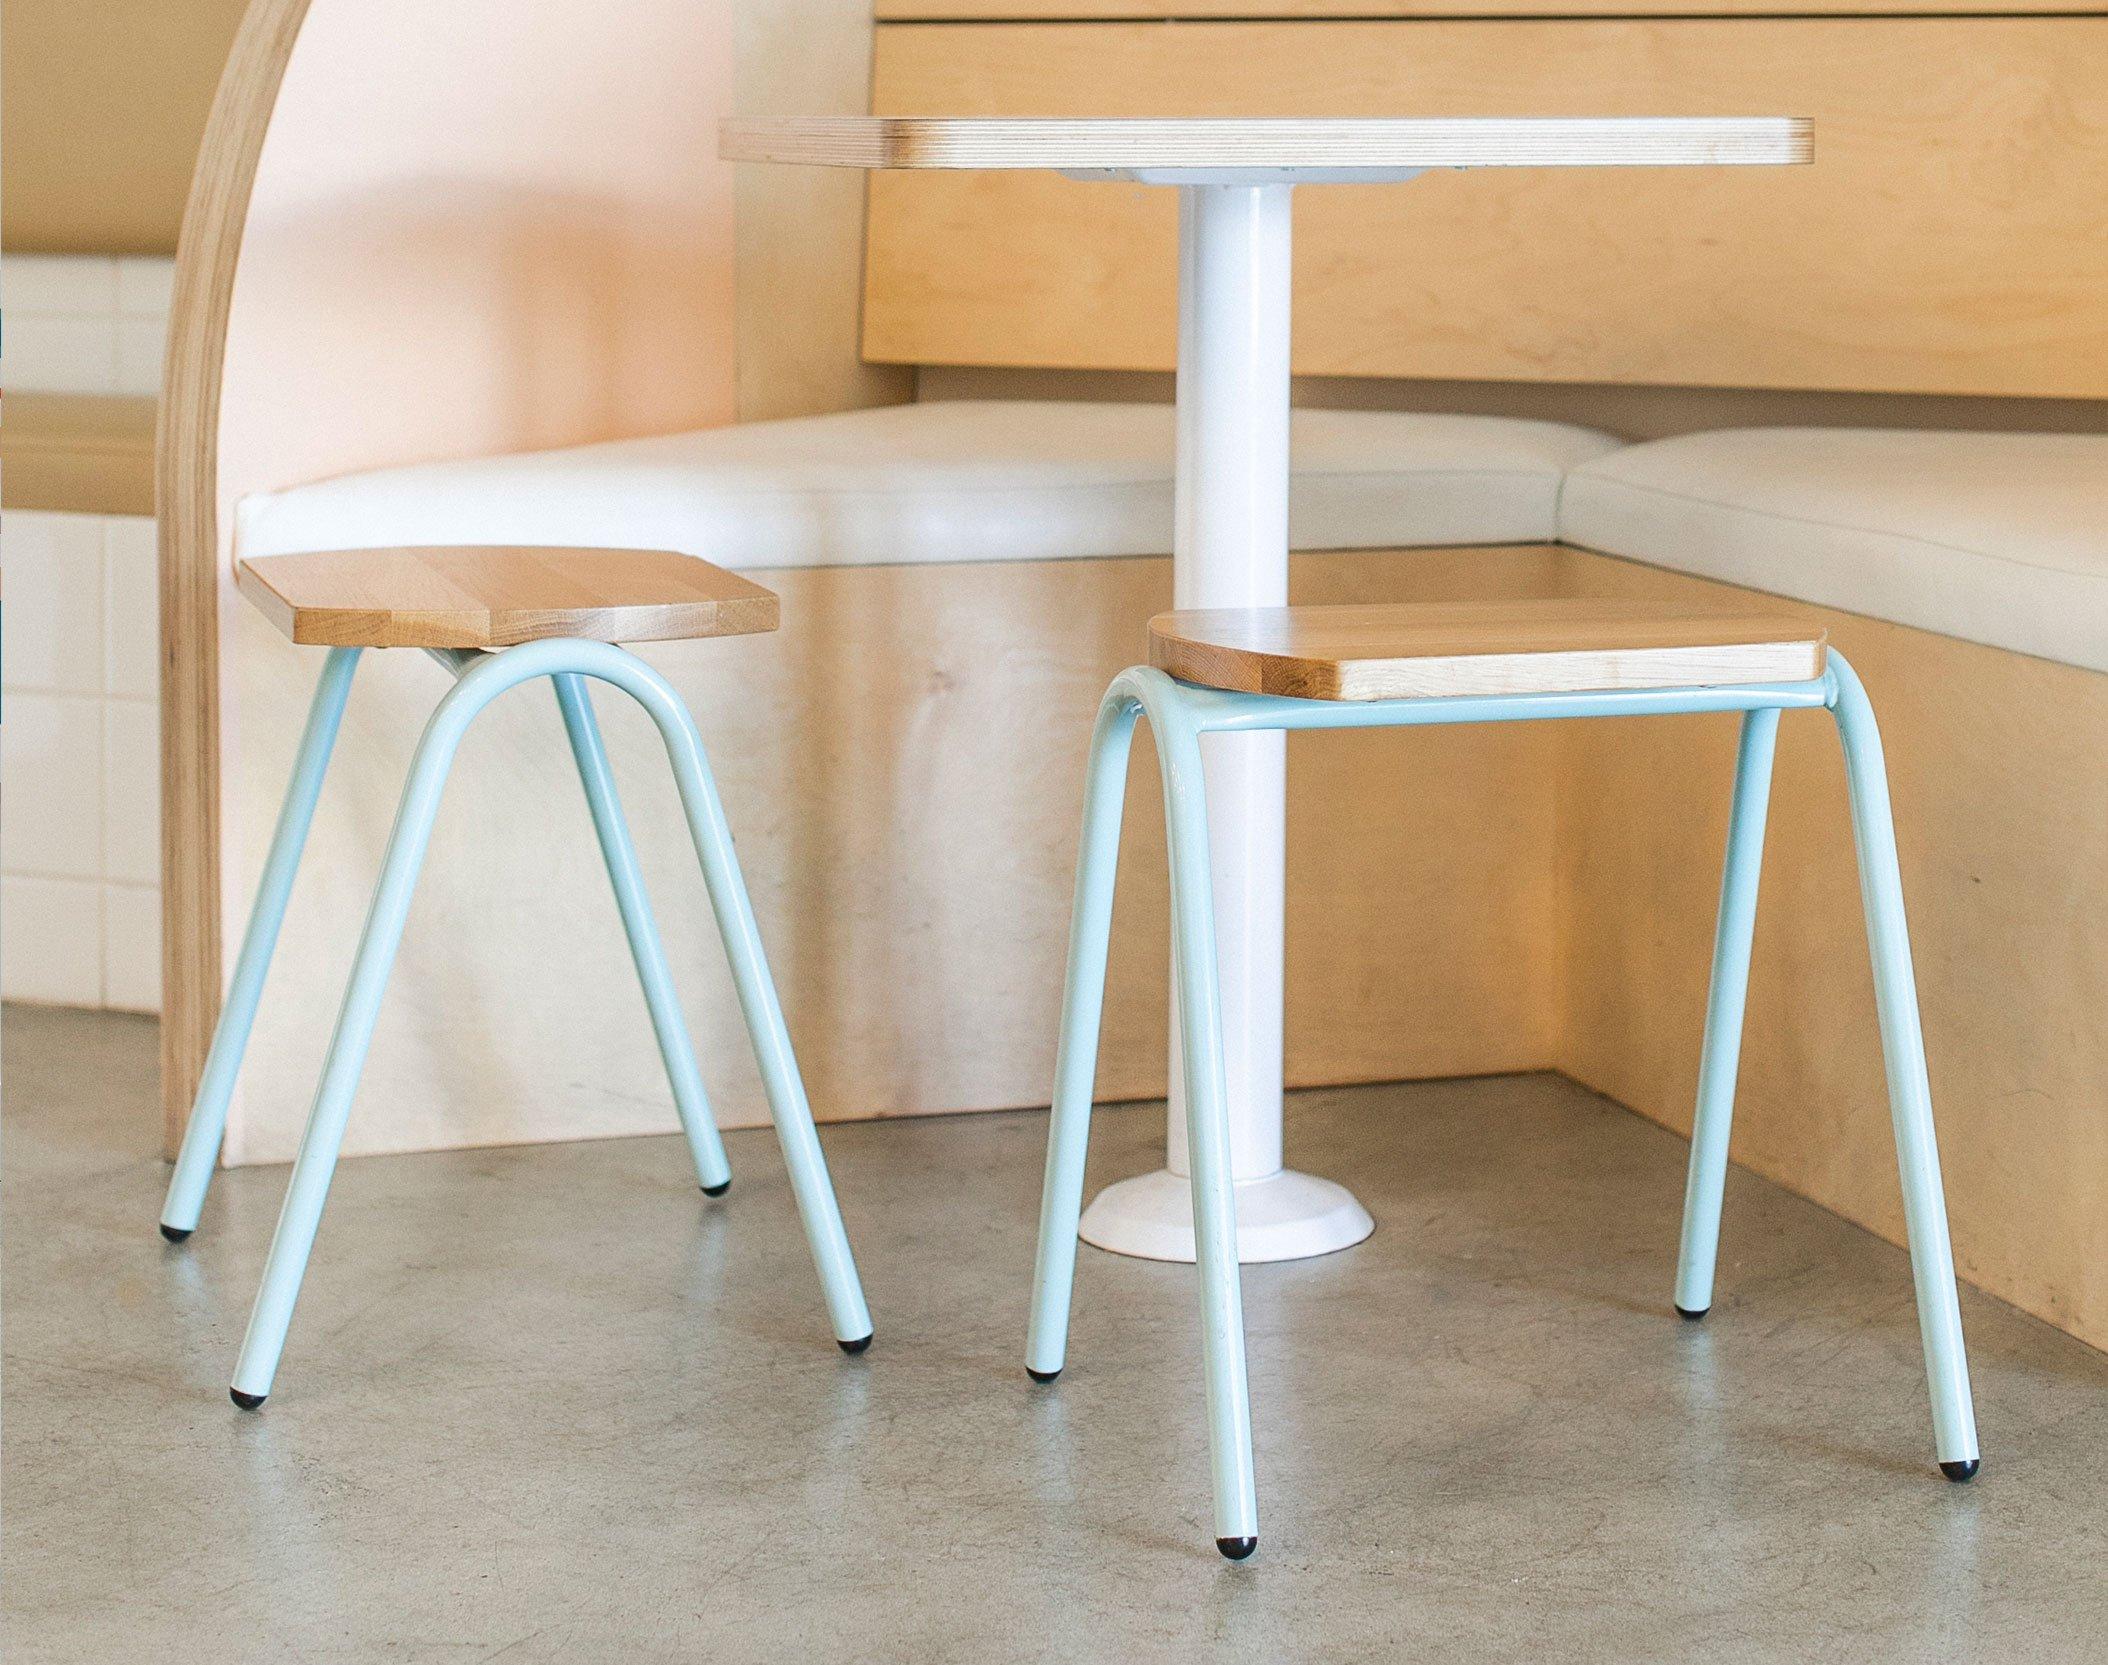 Hurdle_stools_Iceskimo7